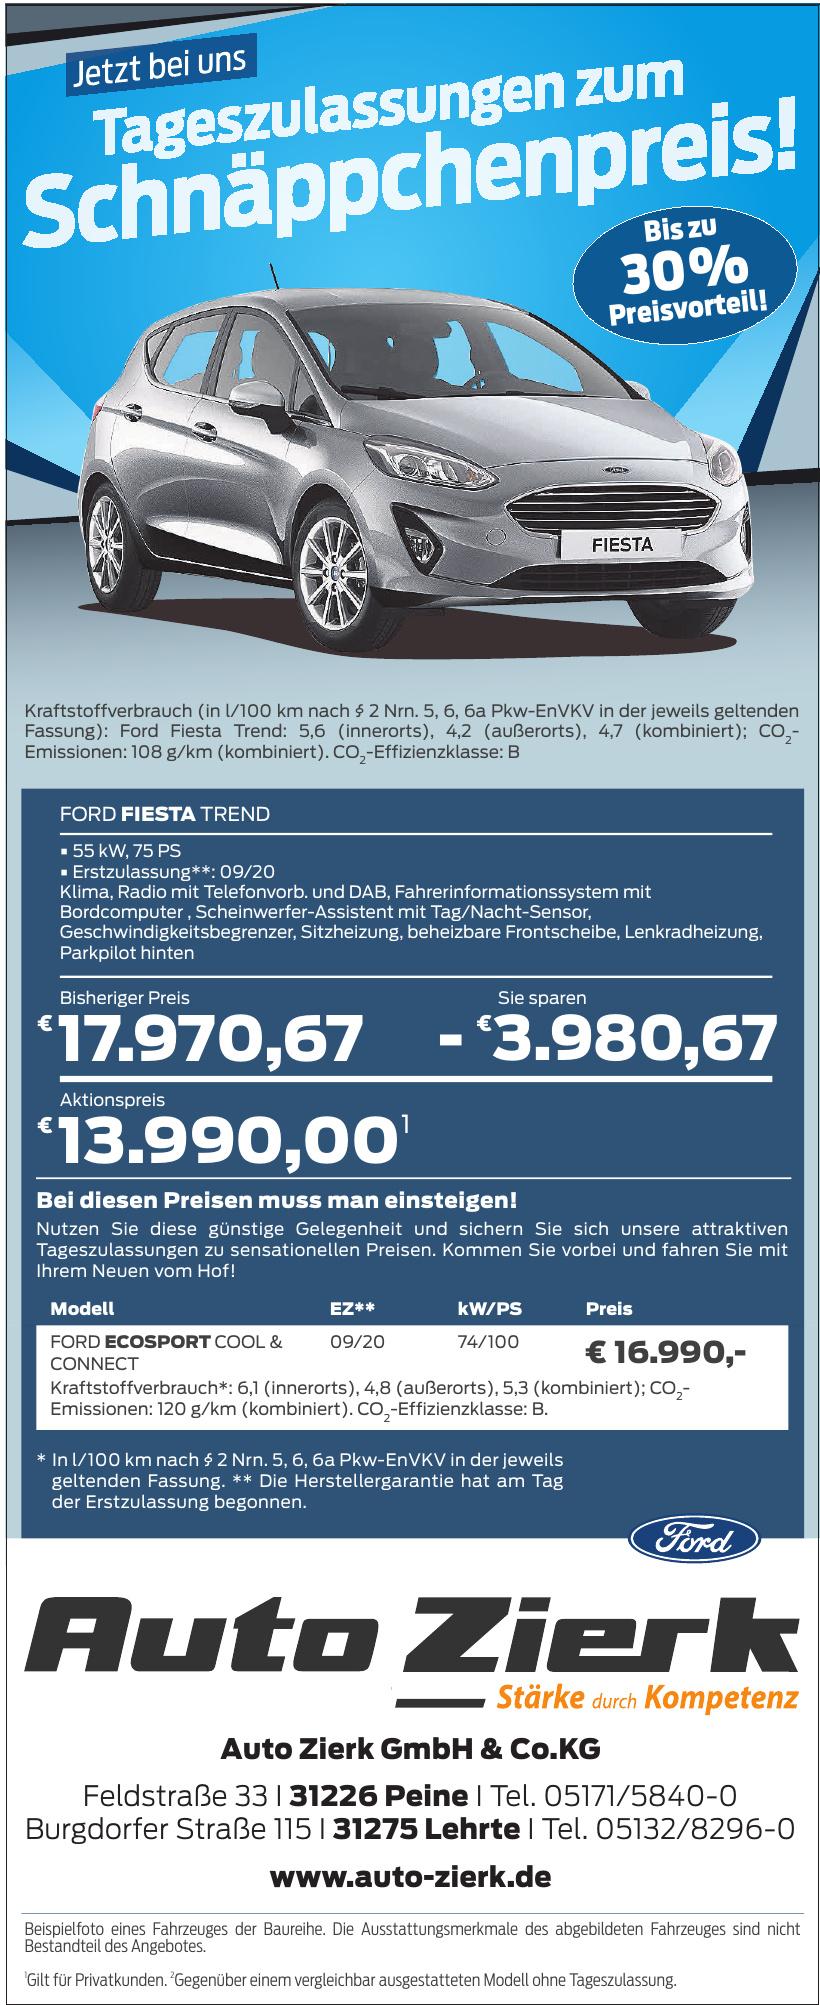 Auto Zierk GmbH & Co.KG